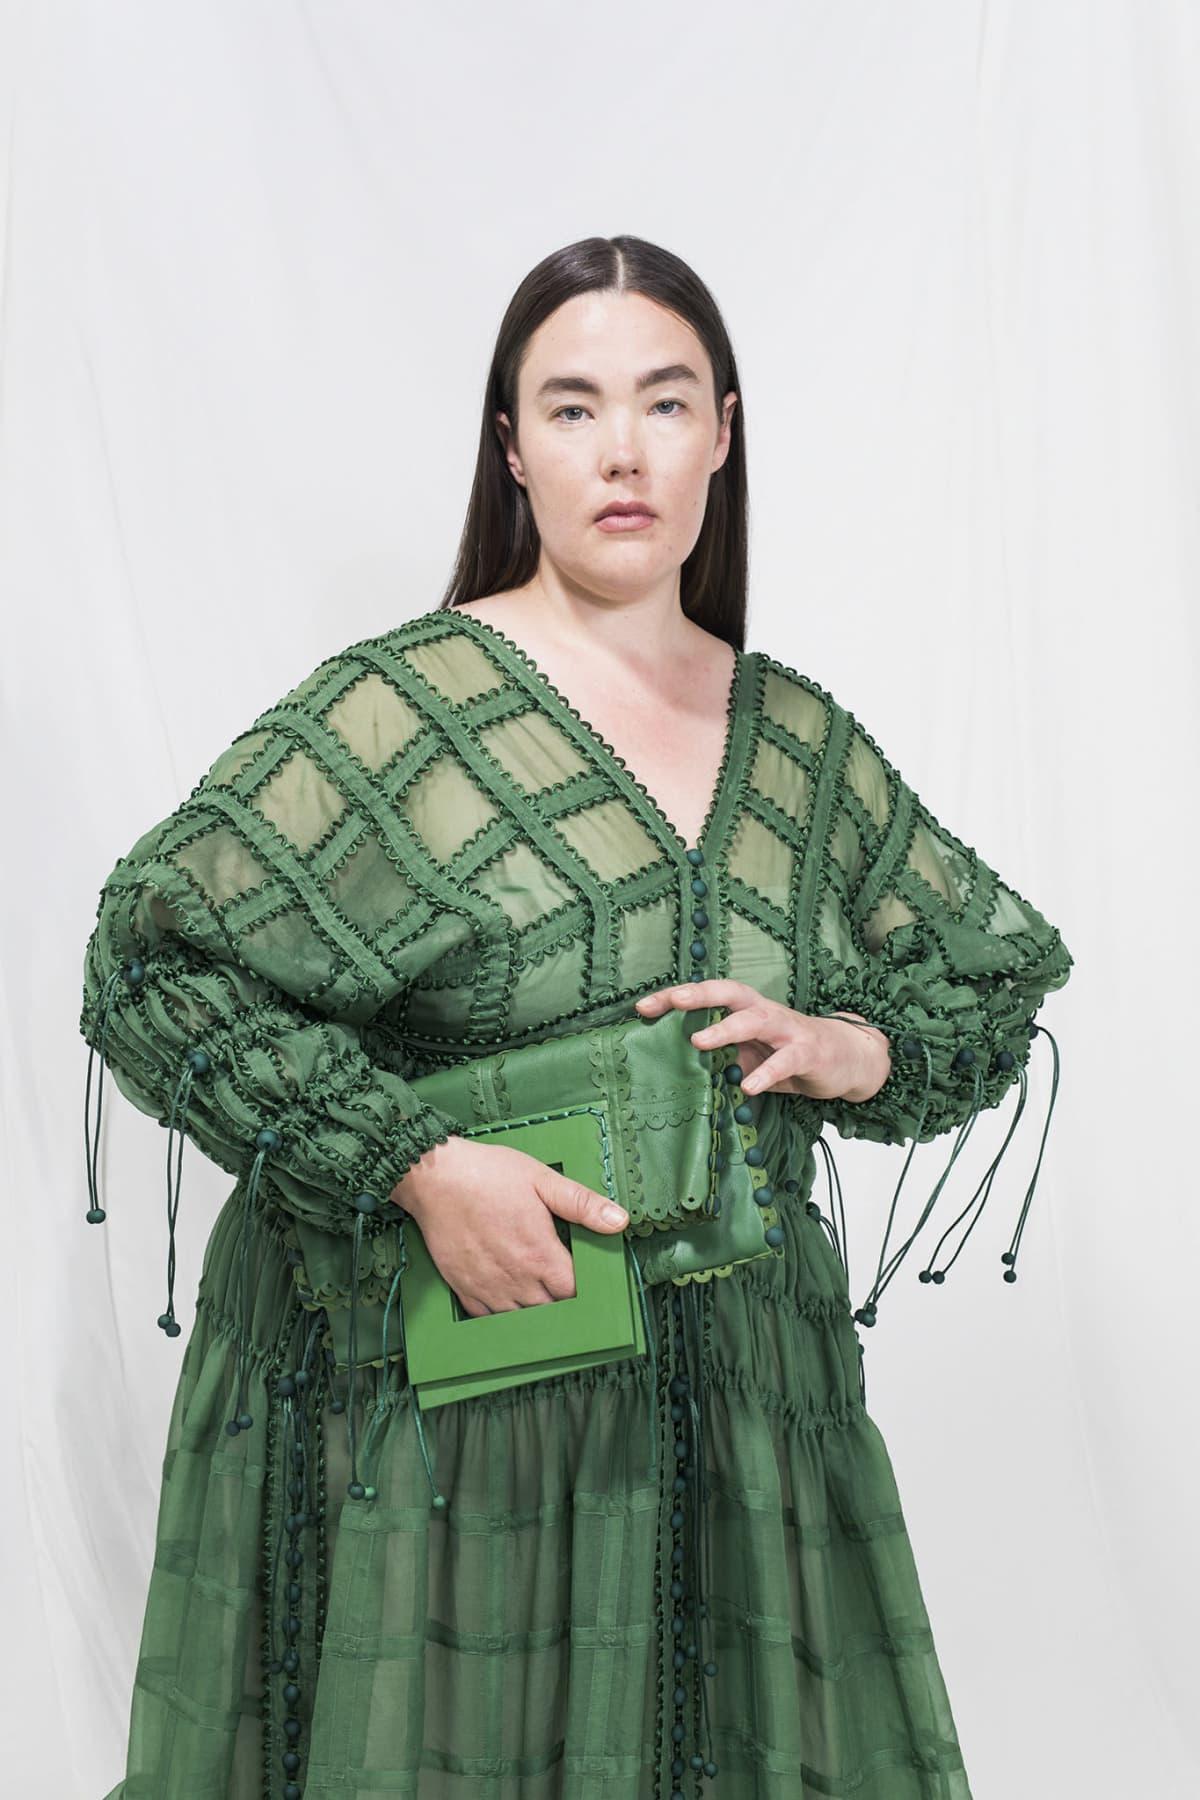 Vihreä muotiluomus naismallin yllä.